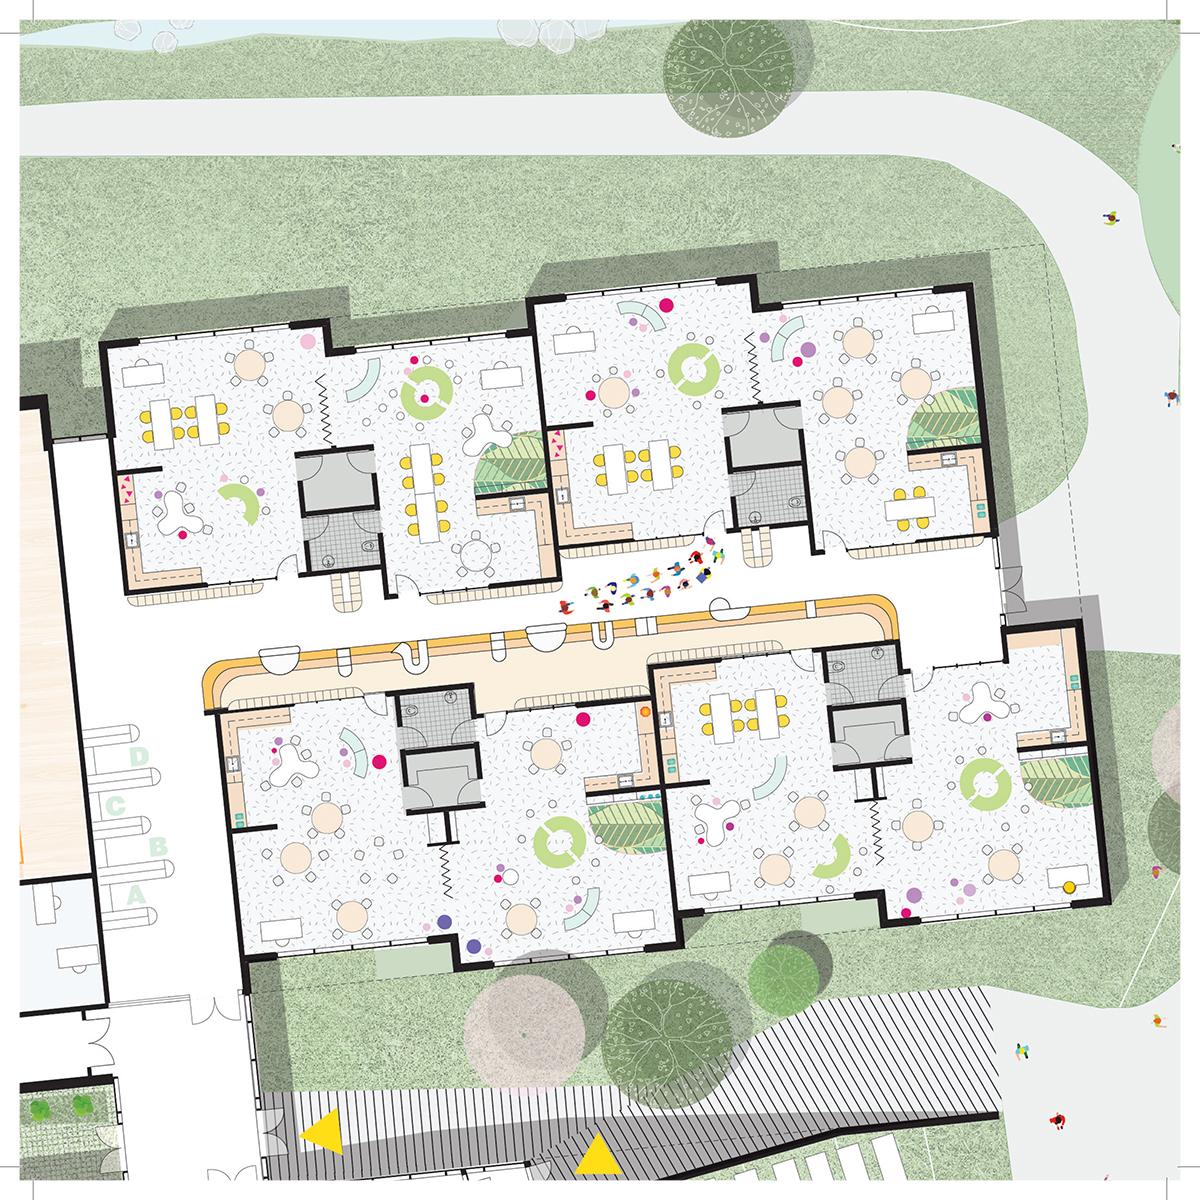 Plan d'une salle de classe par BTAA et SID LEE Architecture, pour le concours du Lab-École à Gatineau, présenté dans le cadre de l'exposition «Devoirs d'architecture».